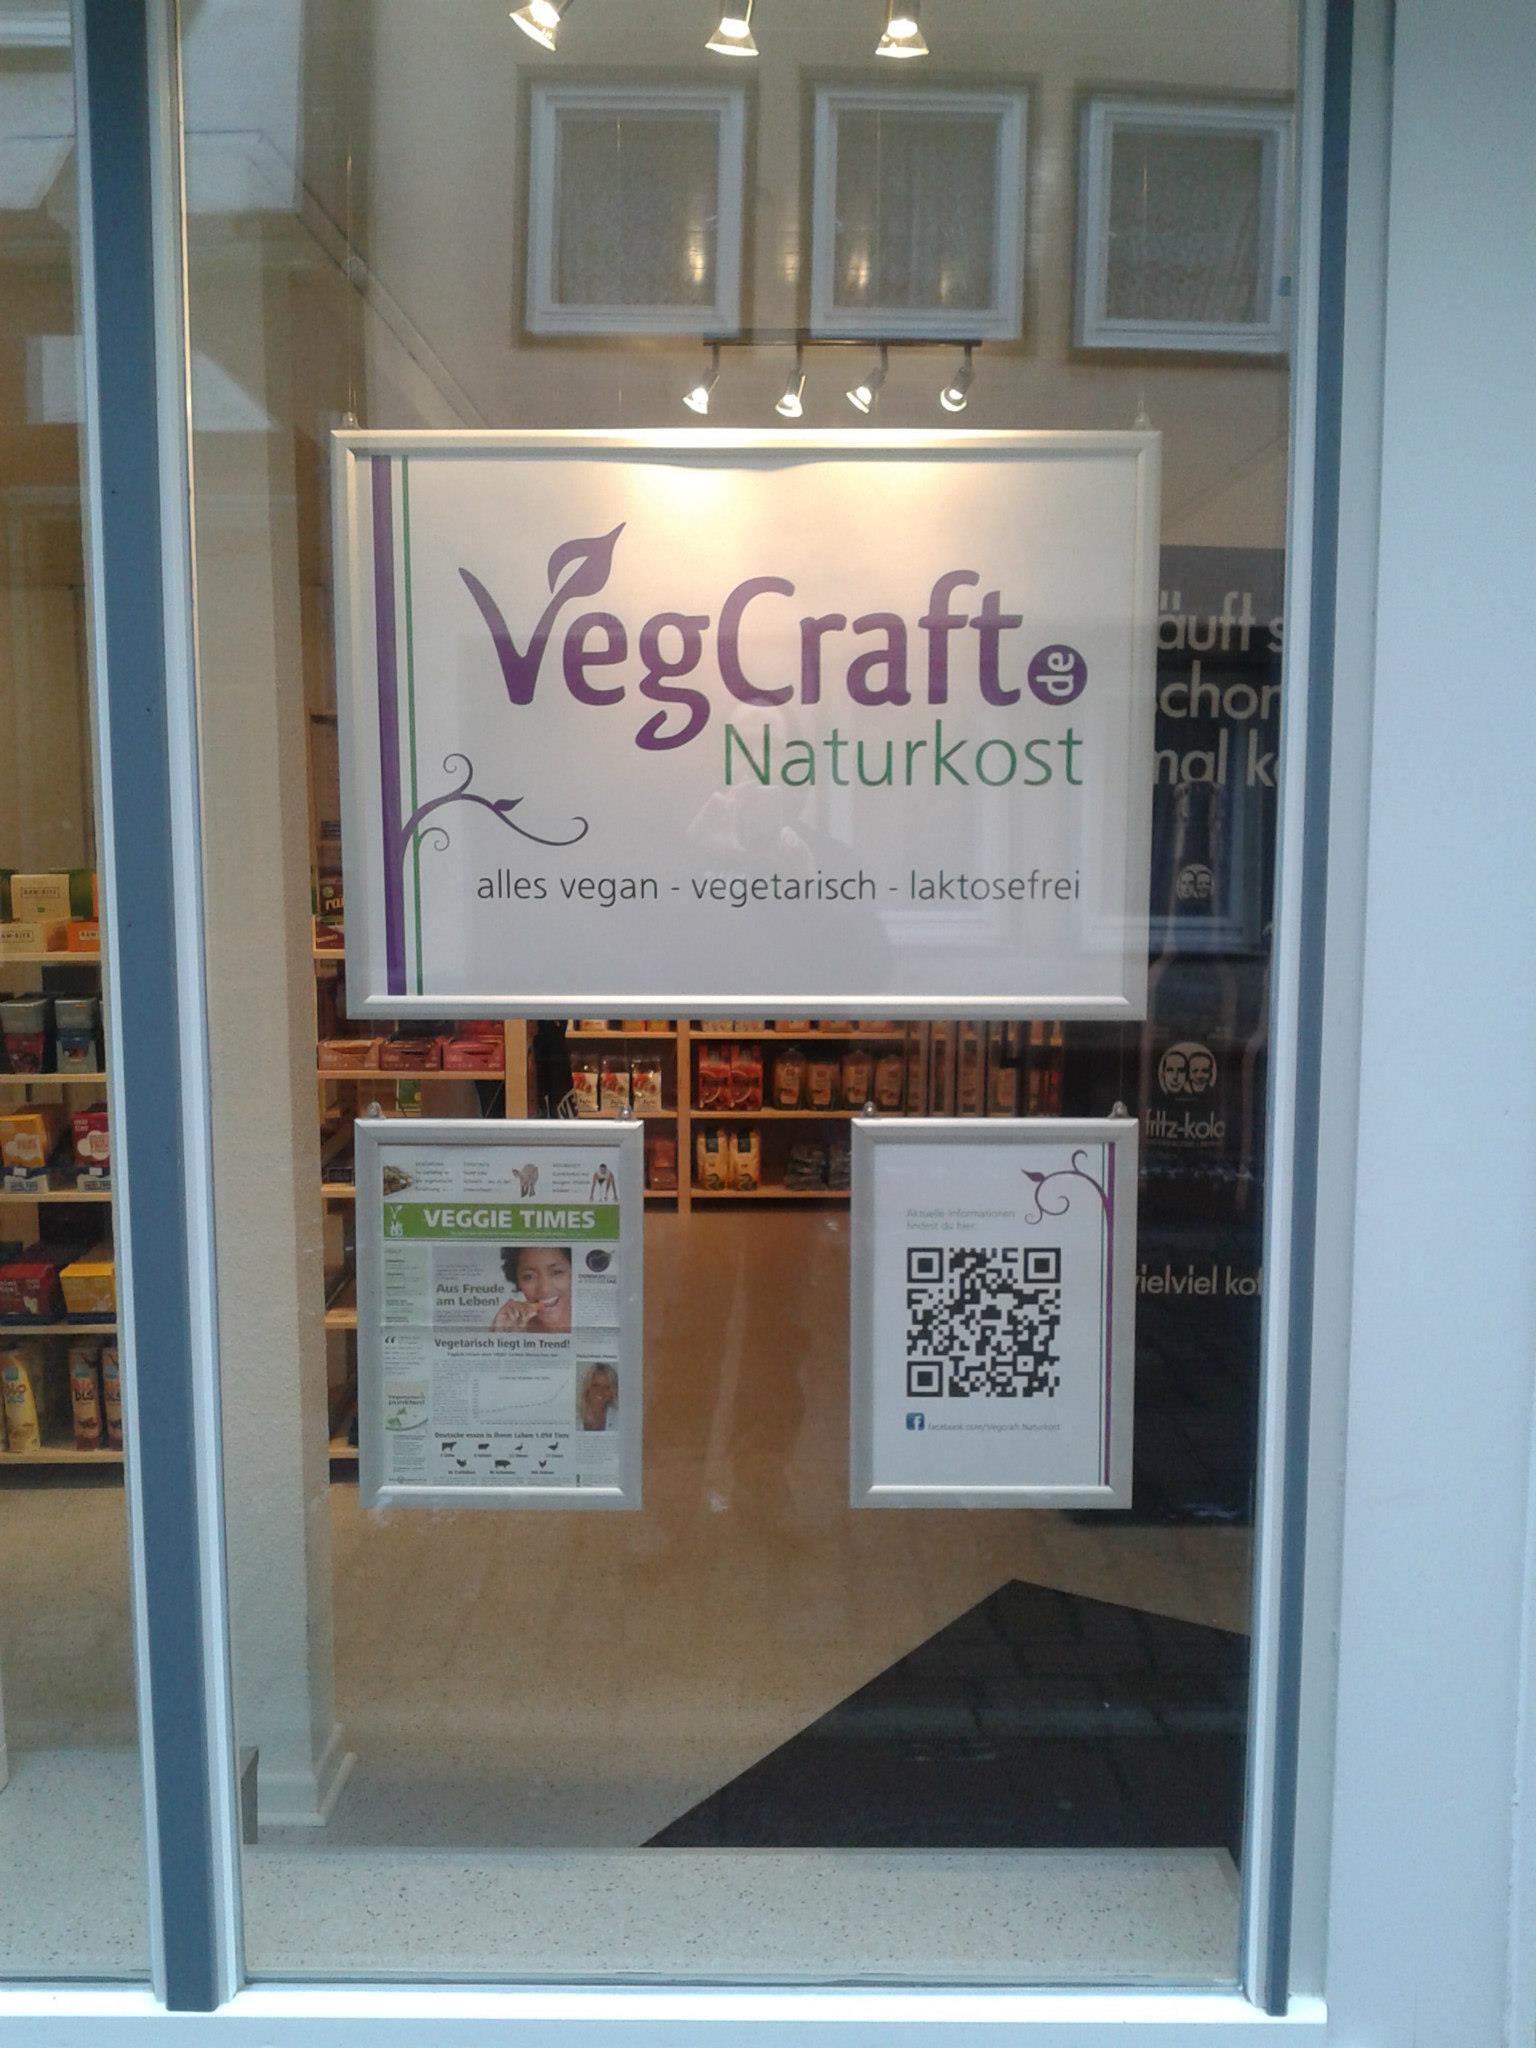 vegcraft-outside